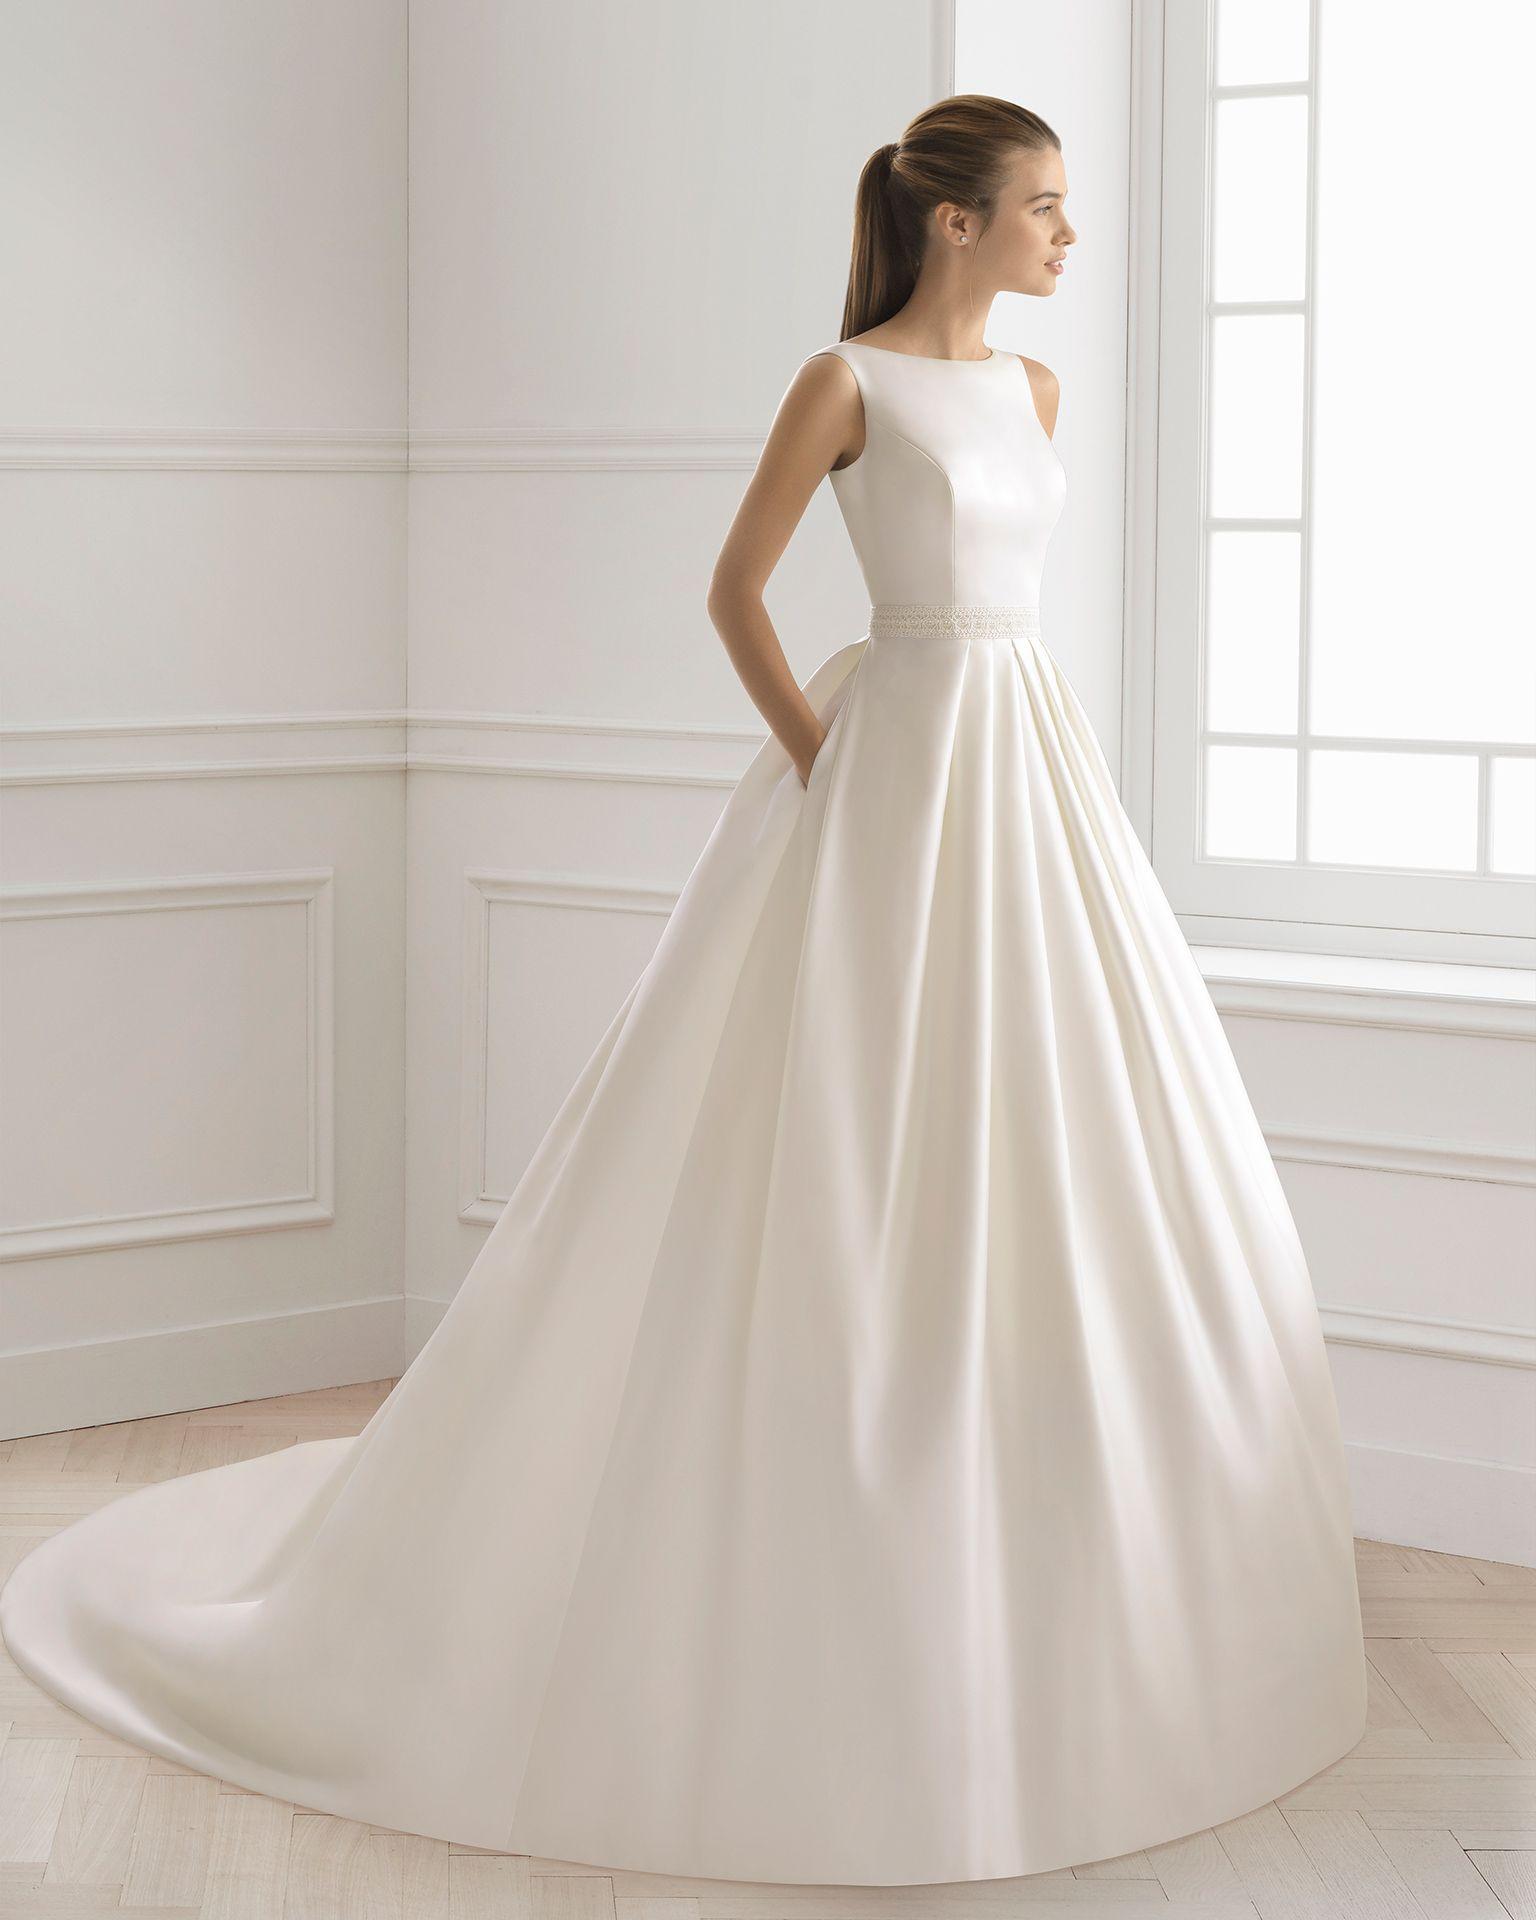 Vestido de novia estilo clásico en raso cbd740f2137